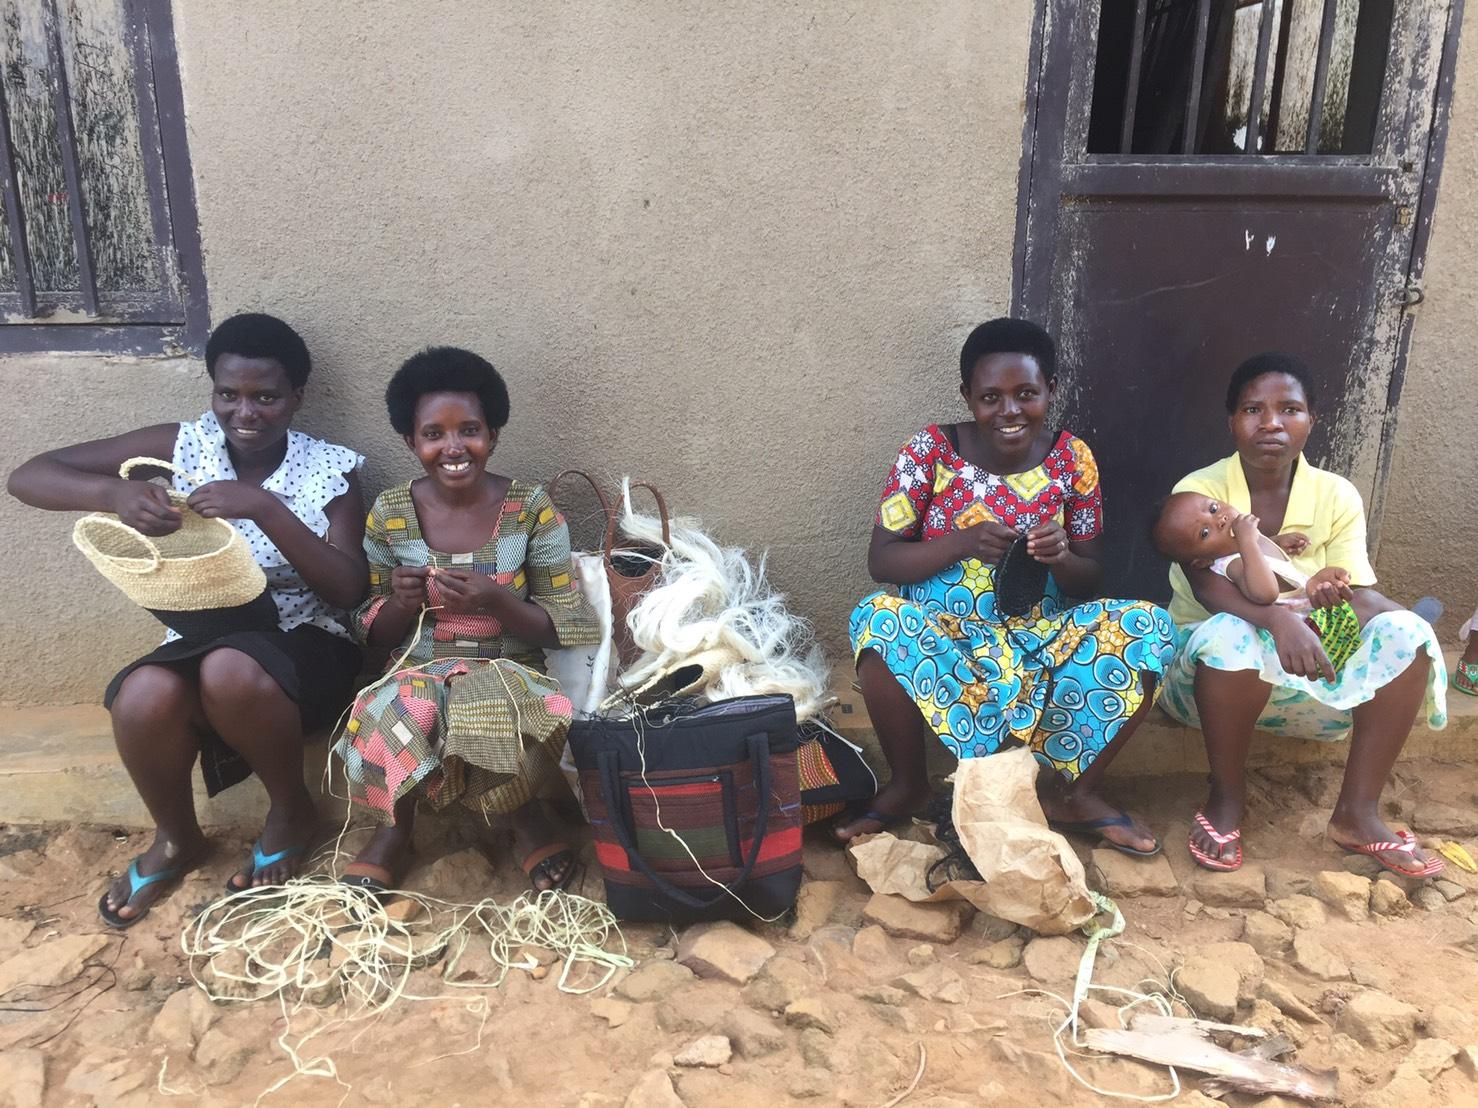 ルワンダ女性のハンドクラフト